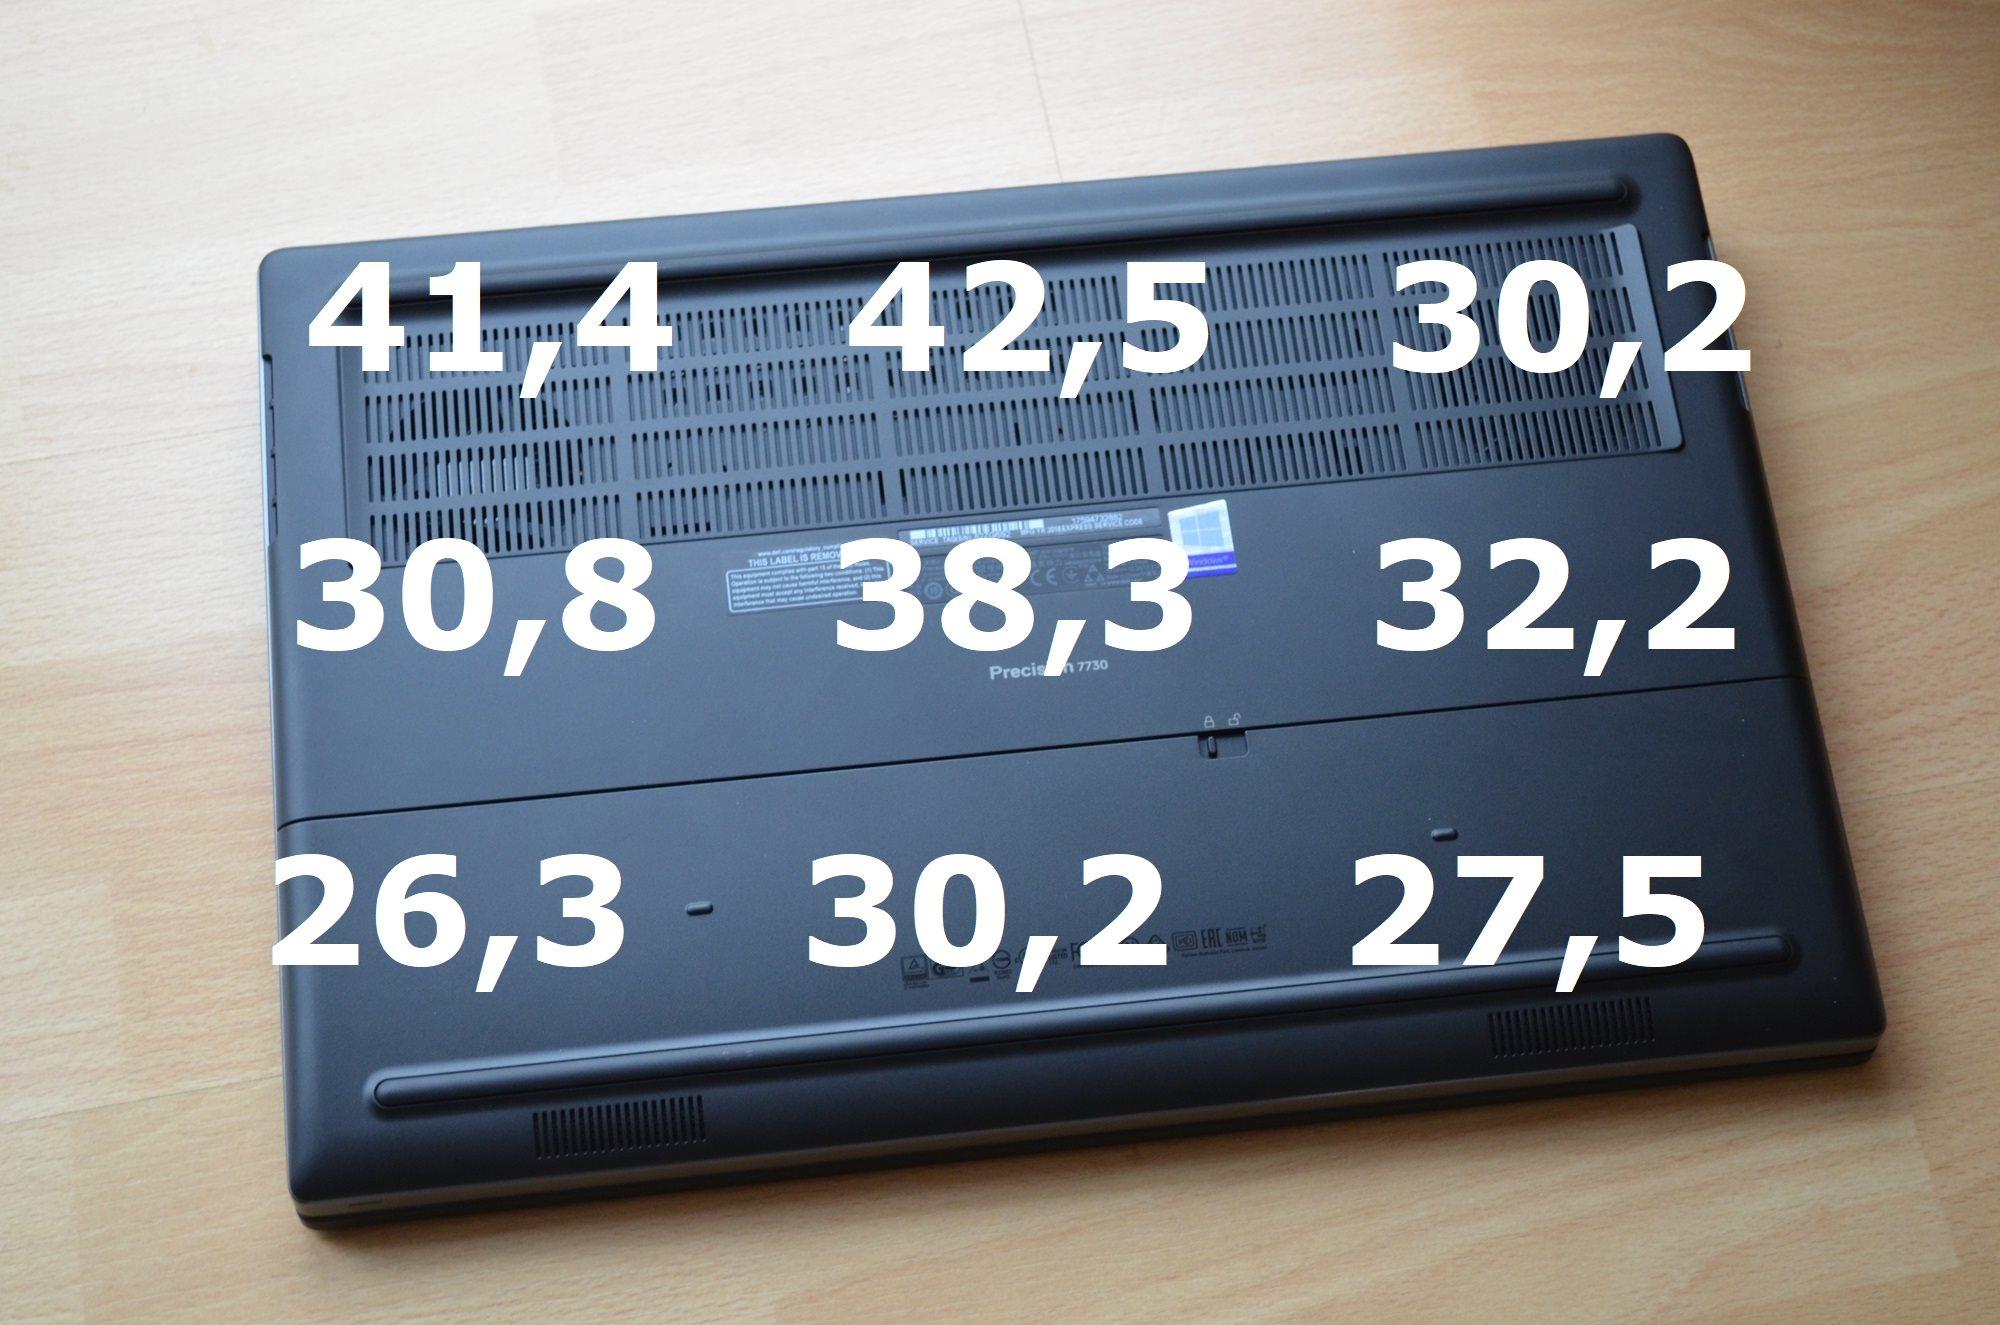 Teploty na spodní straně notebooku v zátěži, Dell Precision 7730 R11CM.